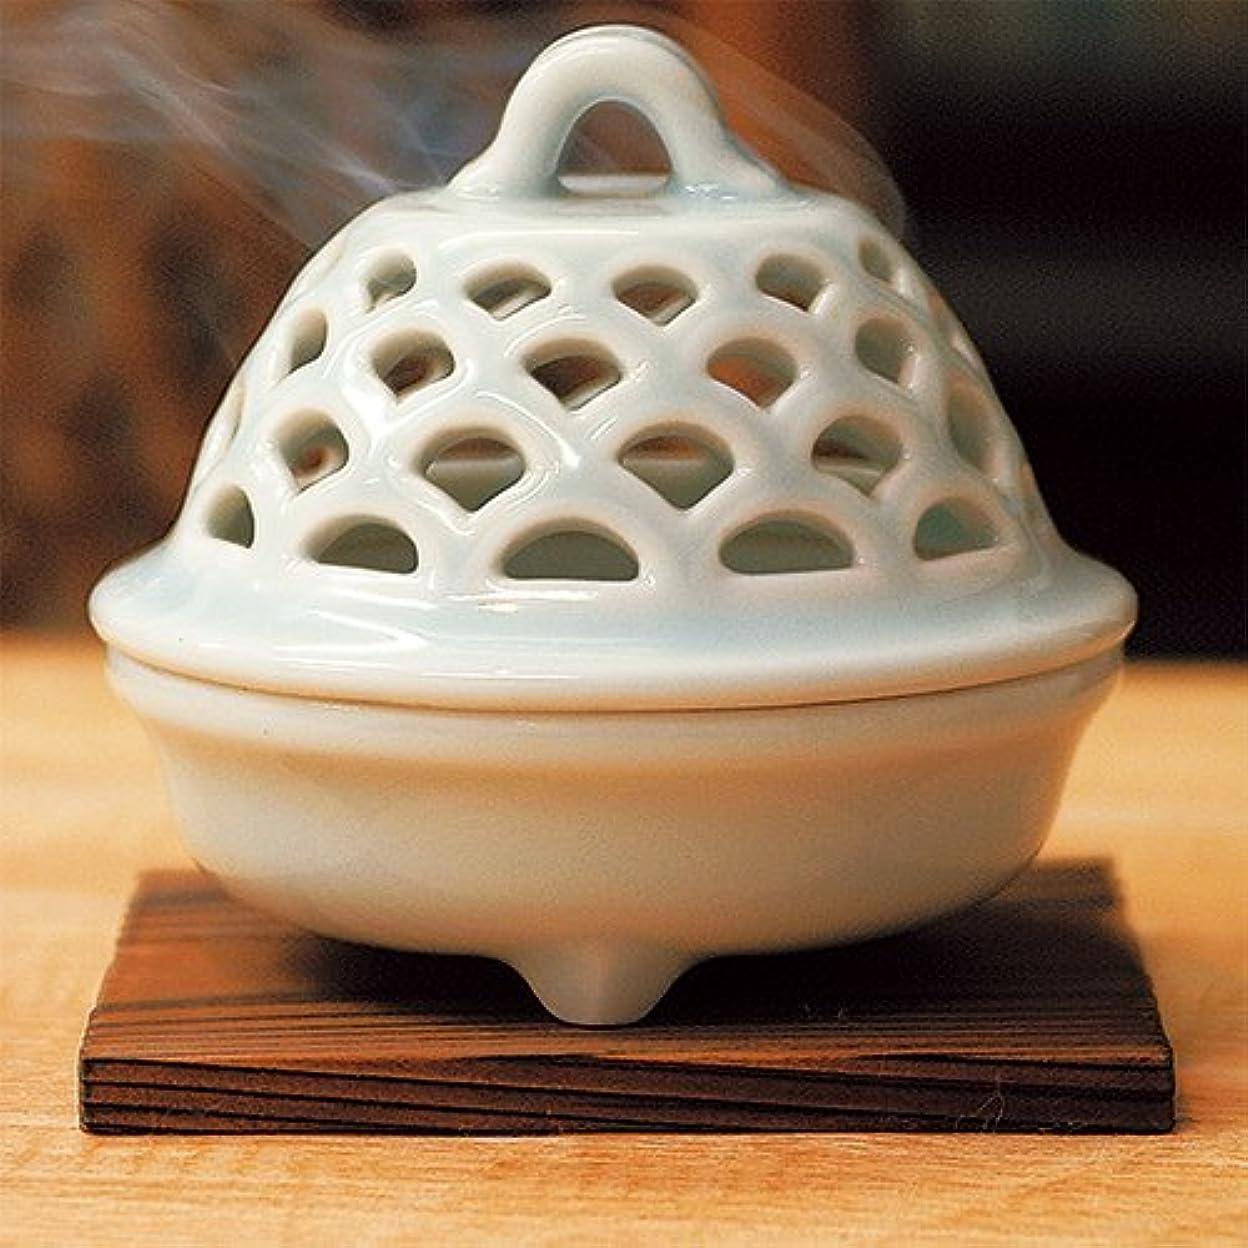 重荷位置づける切る香炉 青磁 透し彫り 香炉 [R9.5xH9cm] プレゼント ギフト 和食器 かわいい インテリア